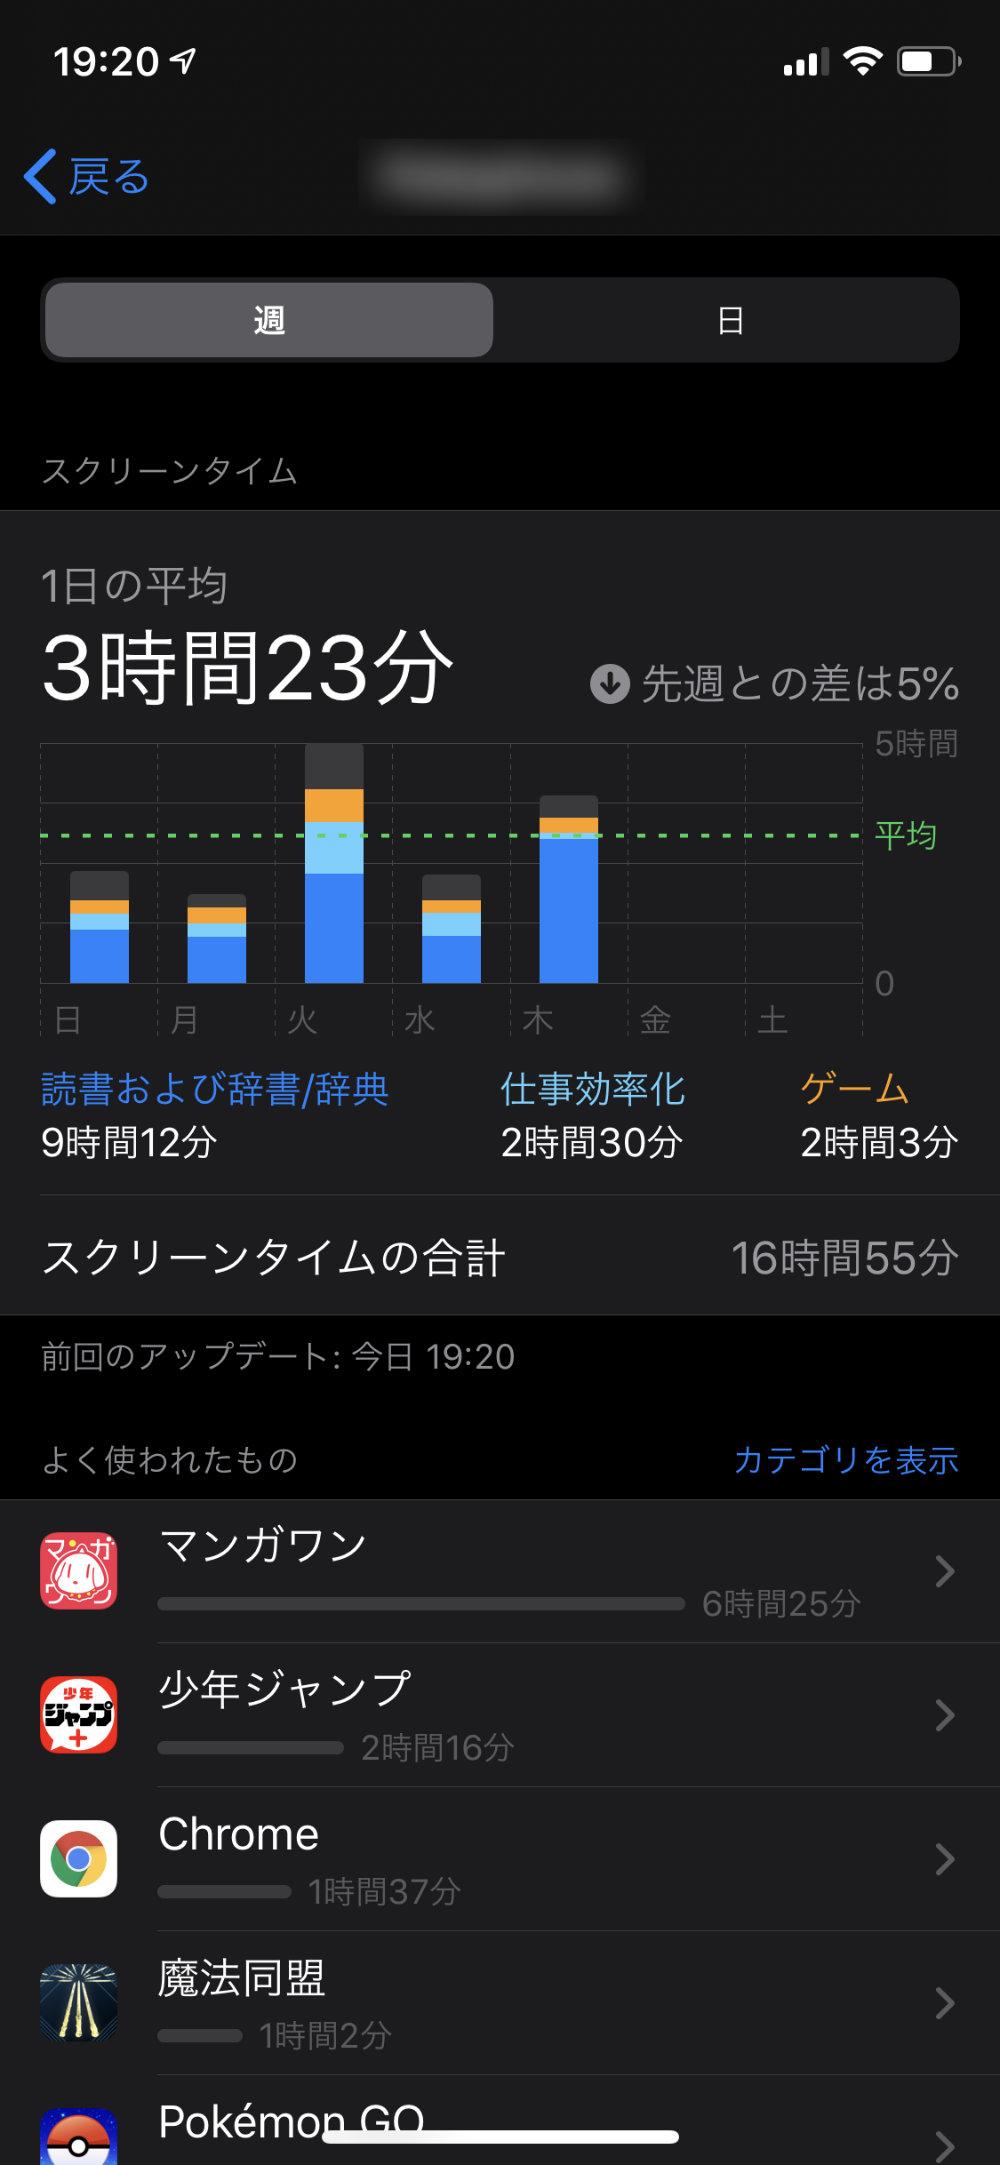 iPhoneなどのiOSでスクリーンタイムを使ってアプリなどの利用制限をする方法